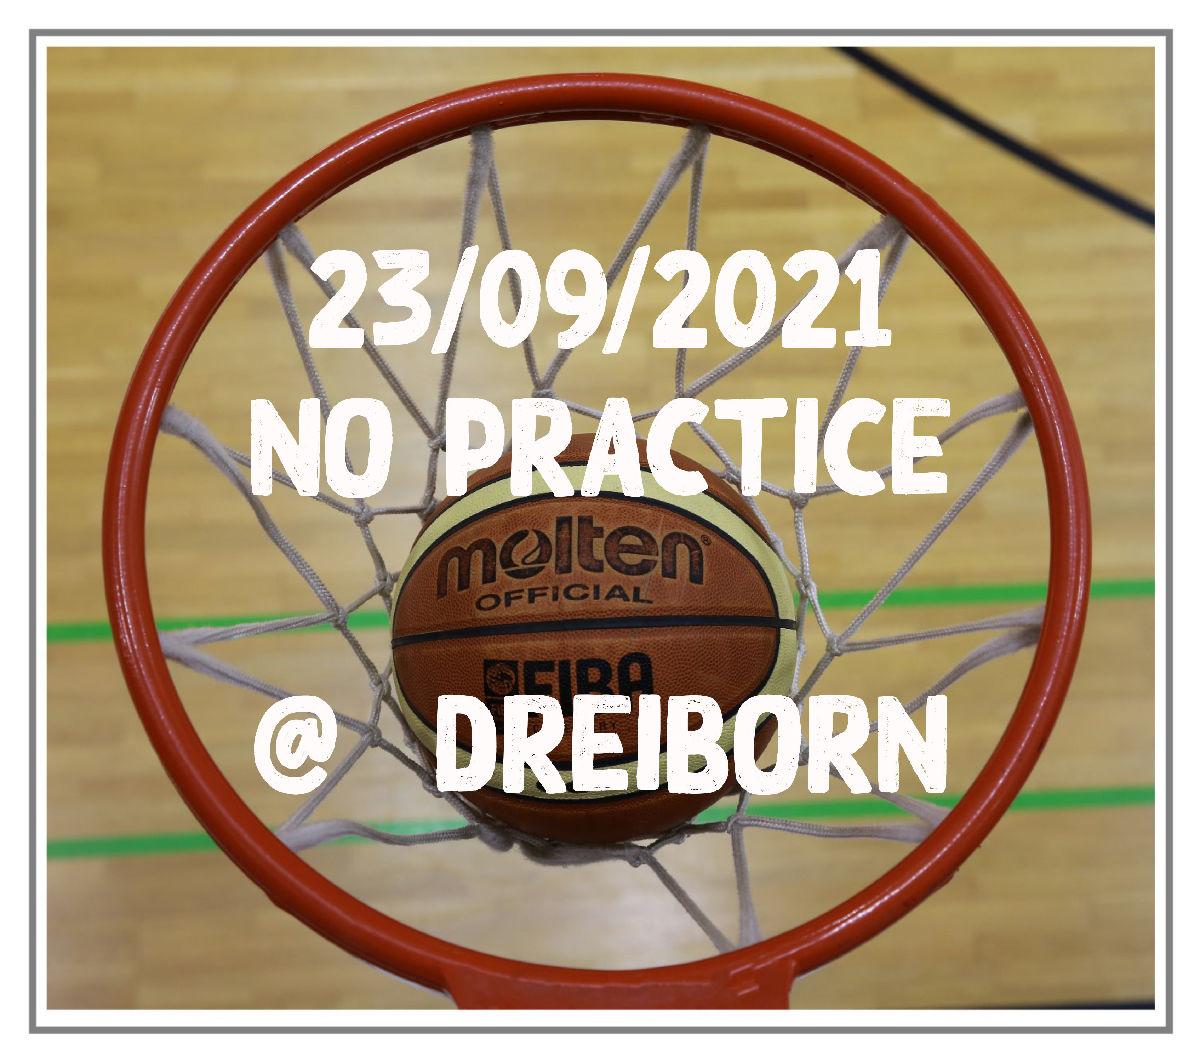 23.9.2021 !! NO PRACTICE TOMORROW ( 23.9.2021) @Dreiborn !! KEEN TRAINING MUER ZU Dreiborn !! PAS D'ENTRAINEMENTS DEMAIN À DREIBORN